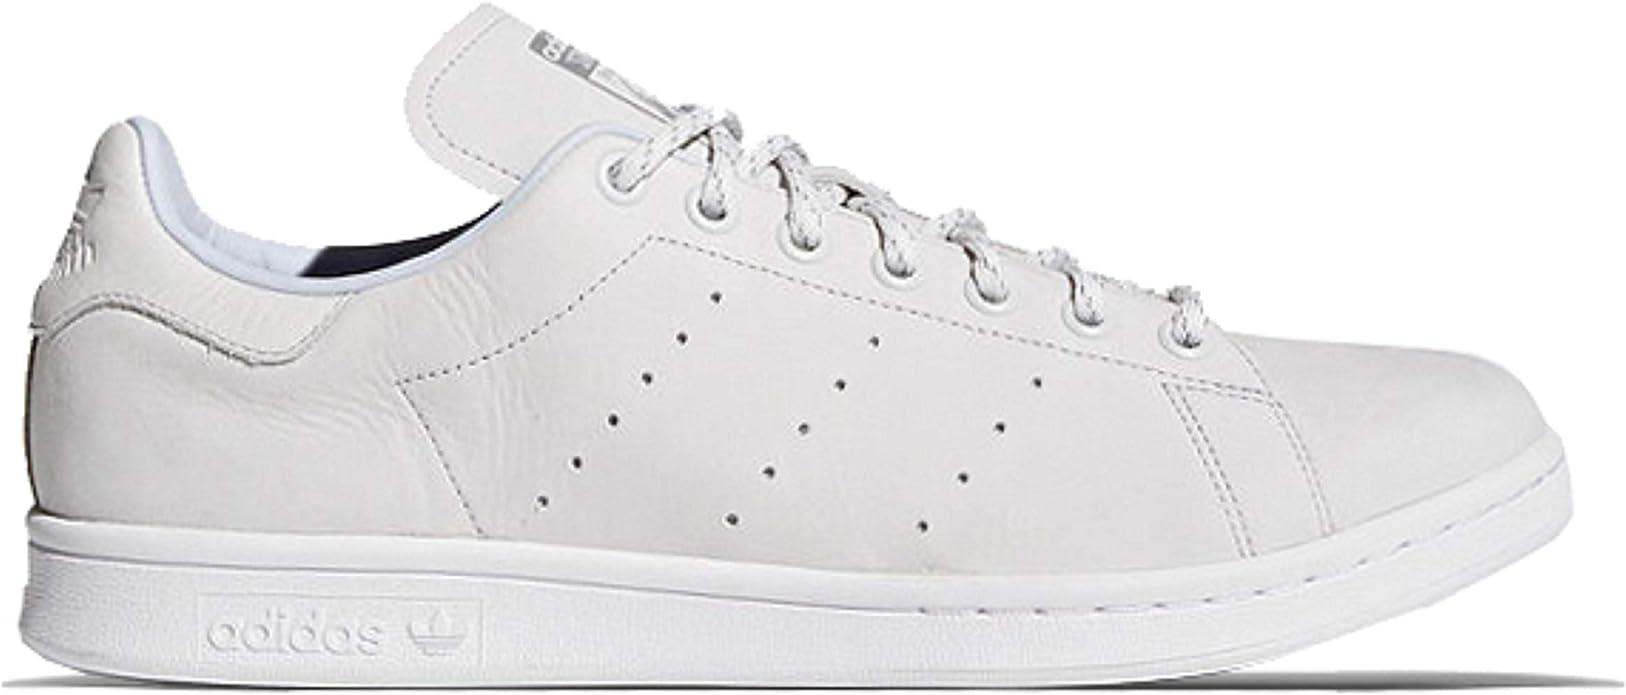 adidas Mens CQ3007 Stan Smith Wp White